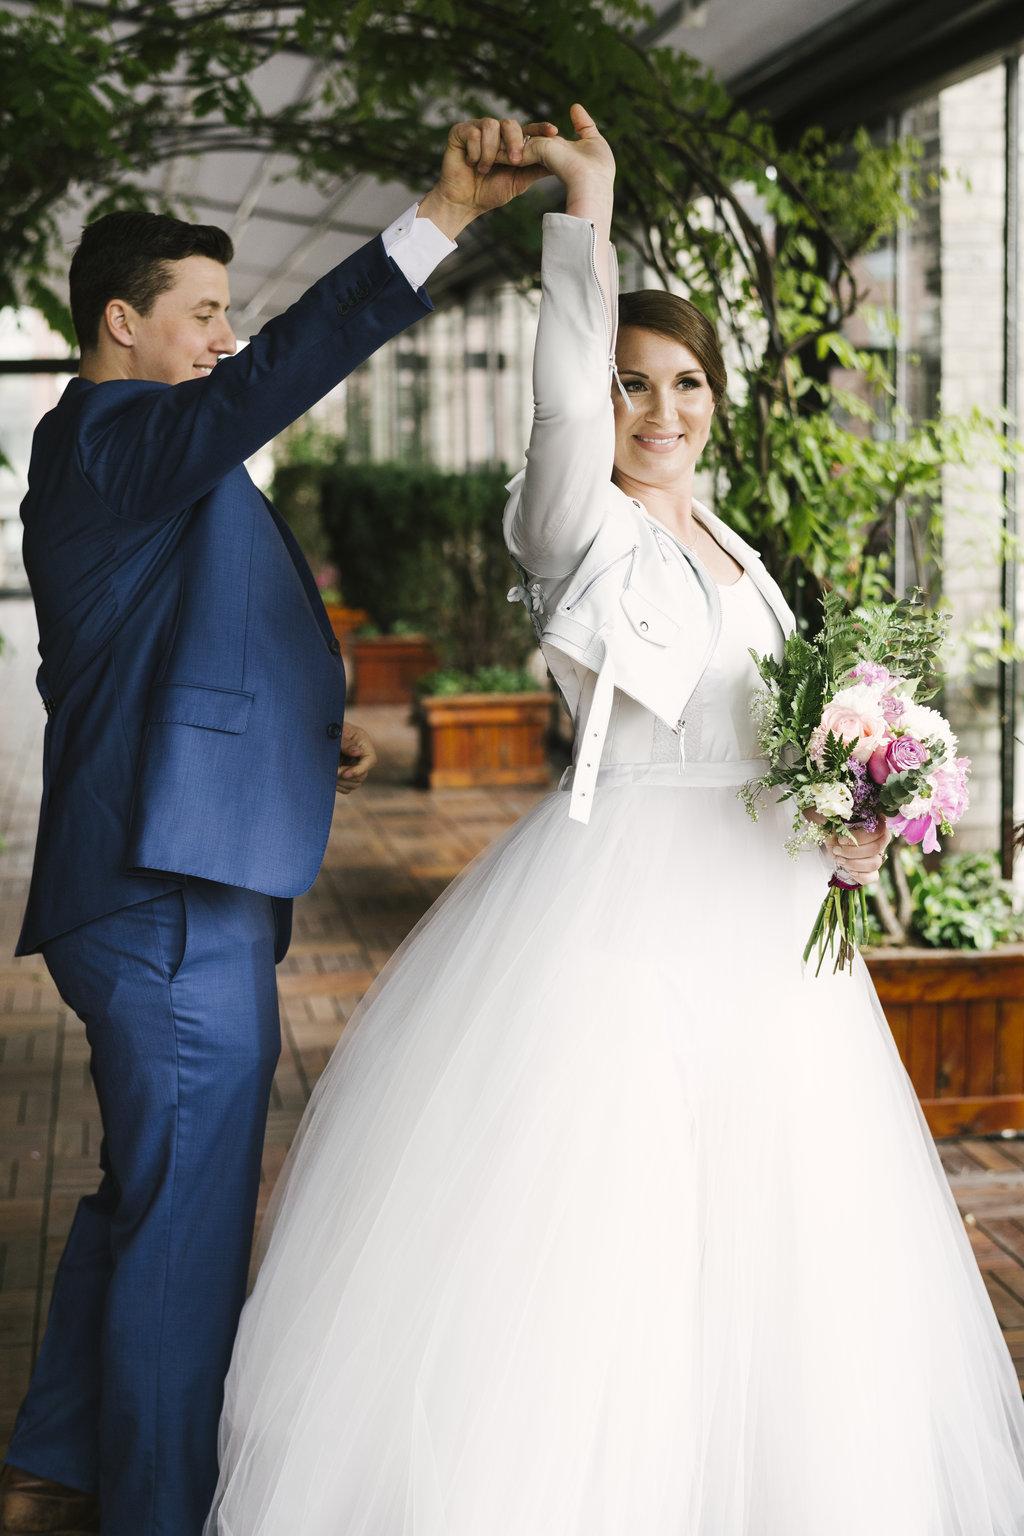 Nathalie Kraynina Bride At The Big Fake WeddingAliciaKingPhotographyBigFakeWedding104.jpg